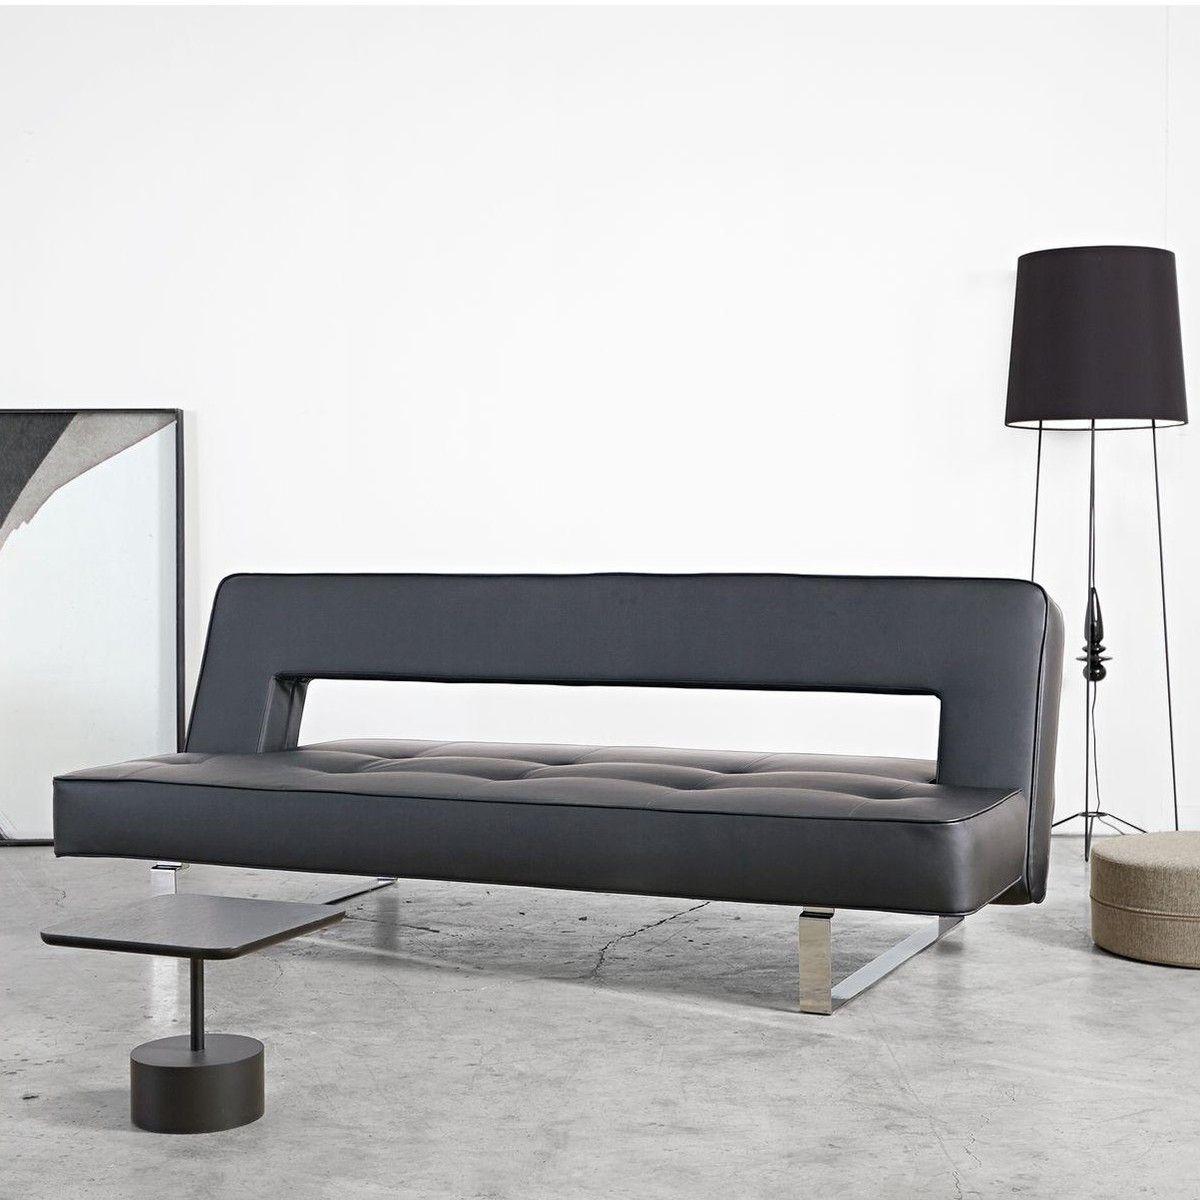 Tolle Innovation Idea Lampe Schreibtisch Galerie - Die Designideen ...